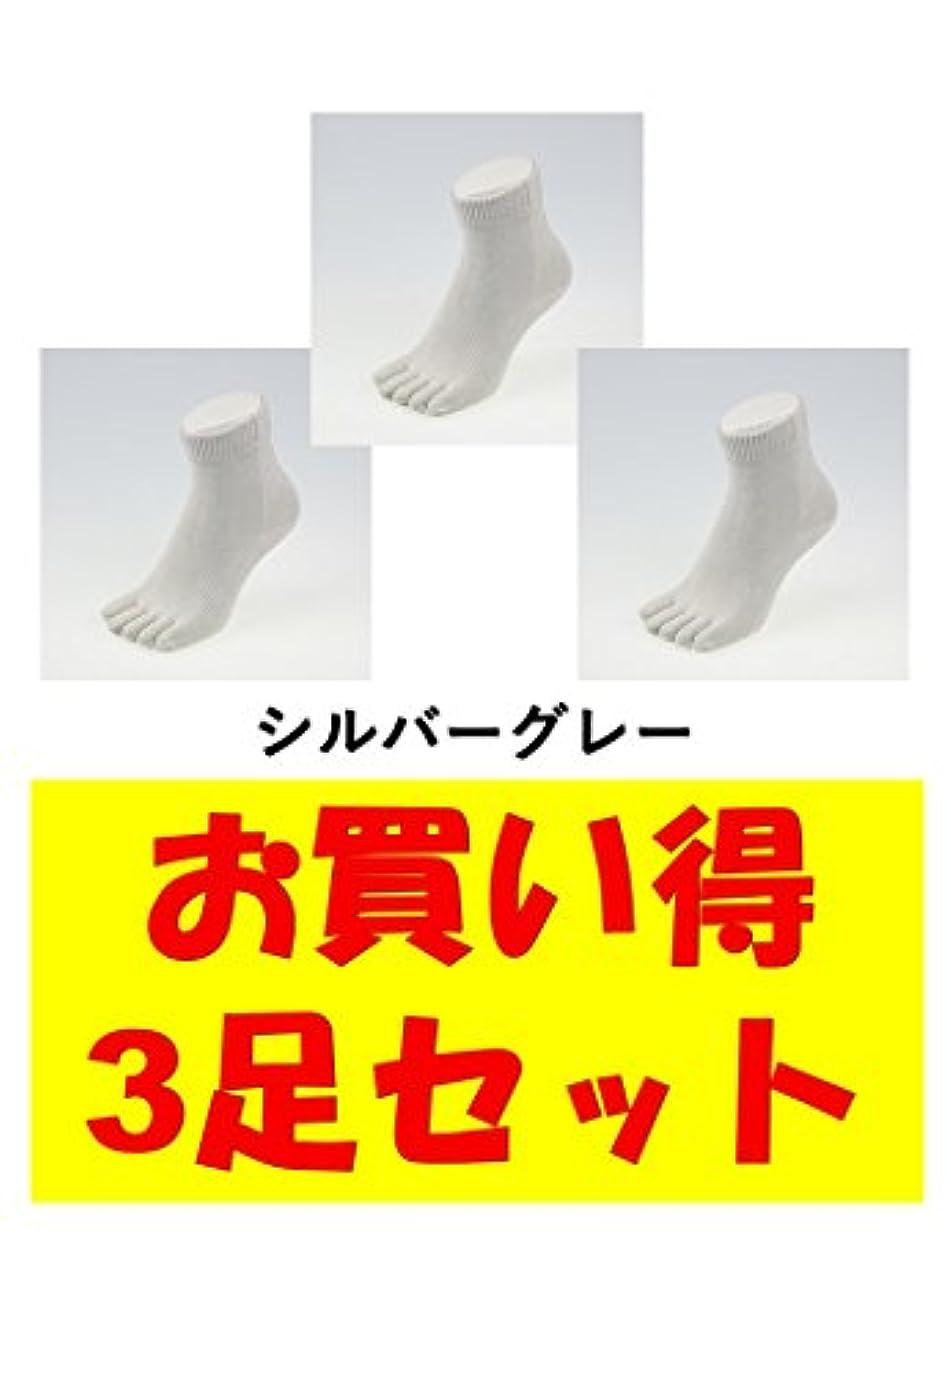 定義する答えマスクお買い得3足セット 5本指 ゆびのばソックス Neo EVE(イヴ) シルバーグレー Sサイズ(21.0cm - 24.0cm) YSNEVE-SGL